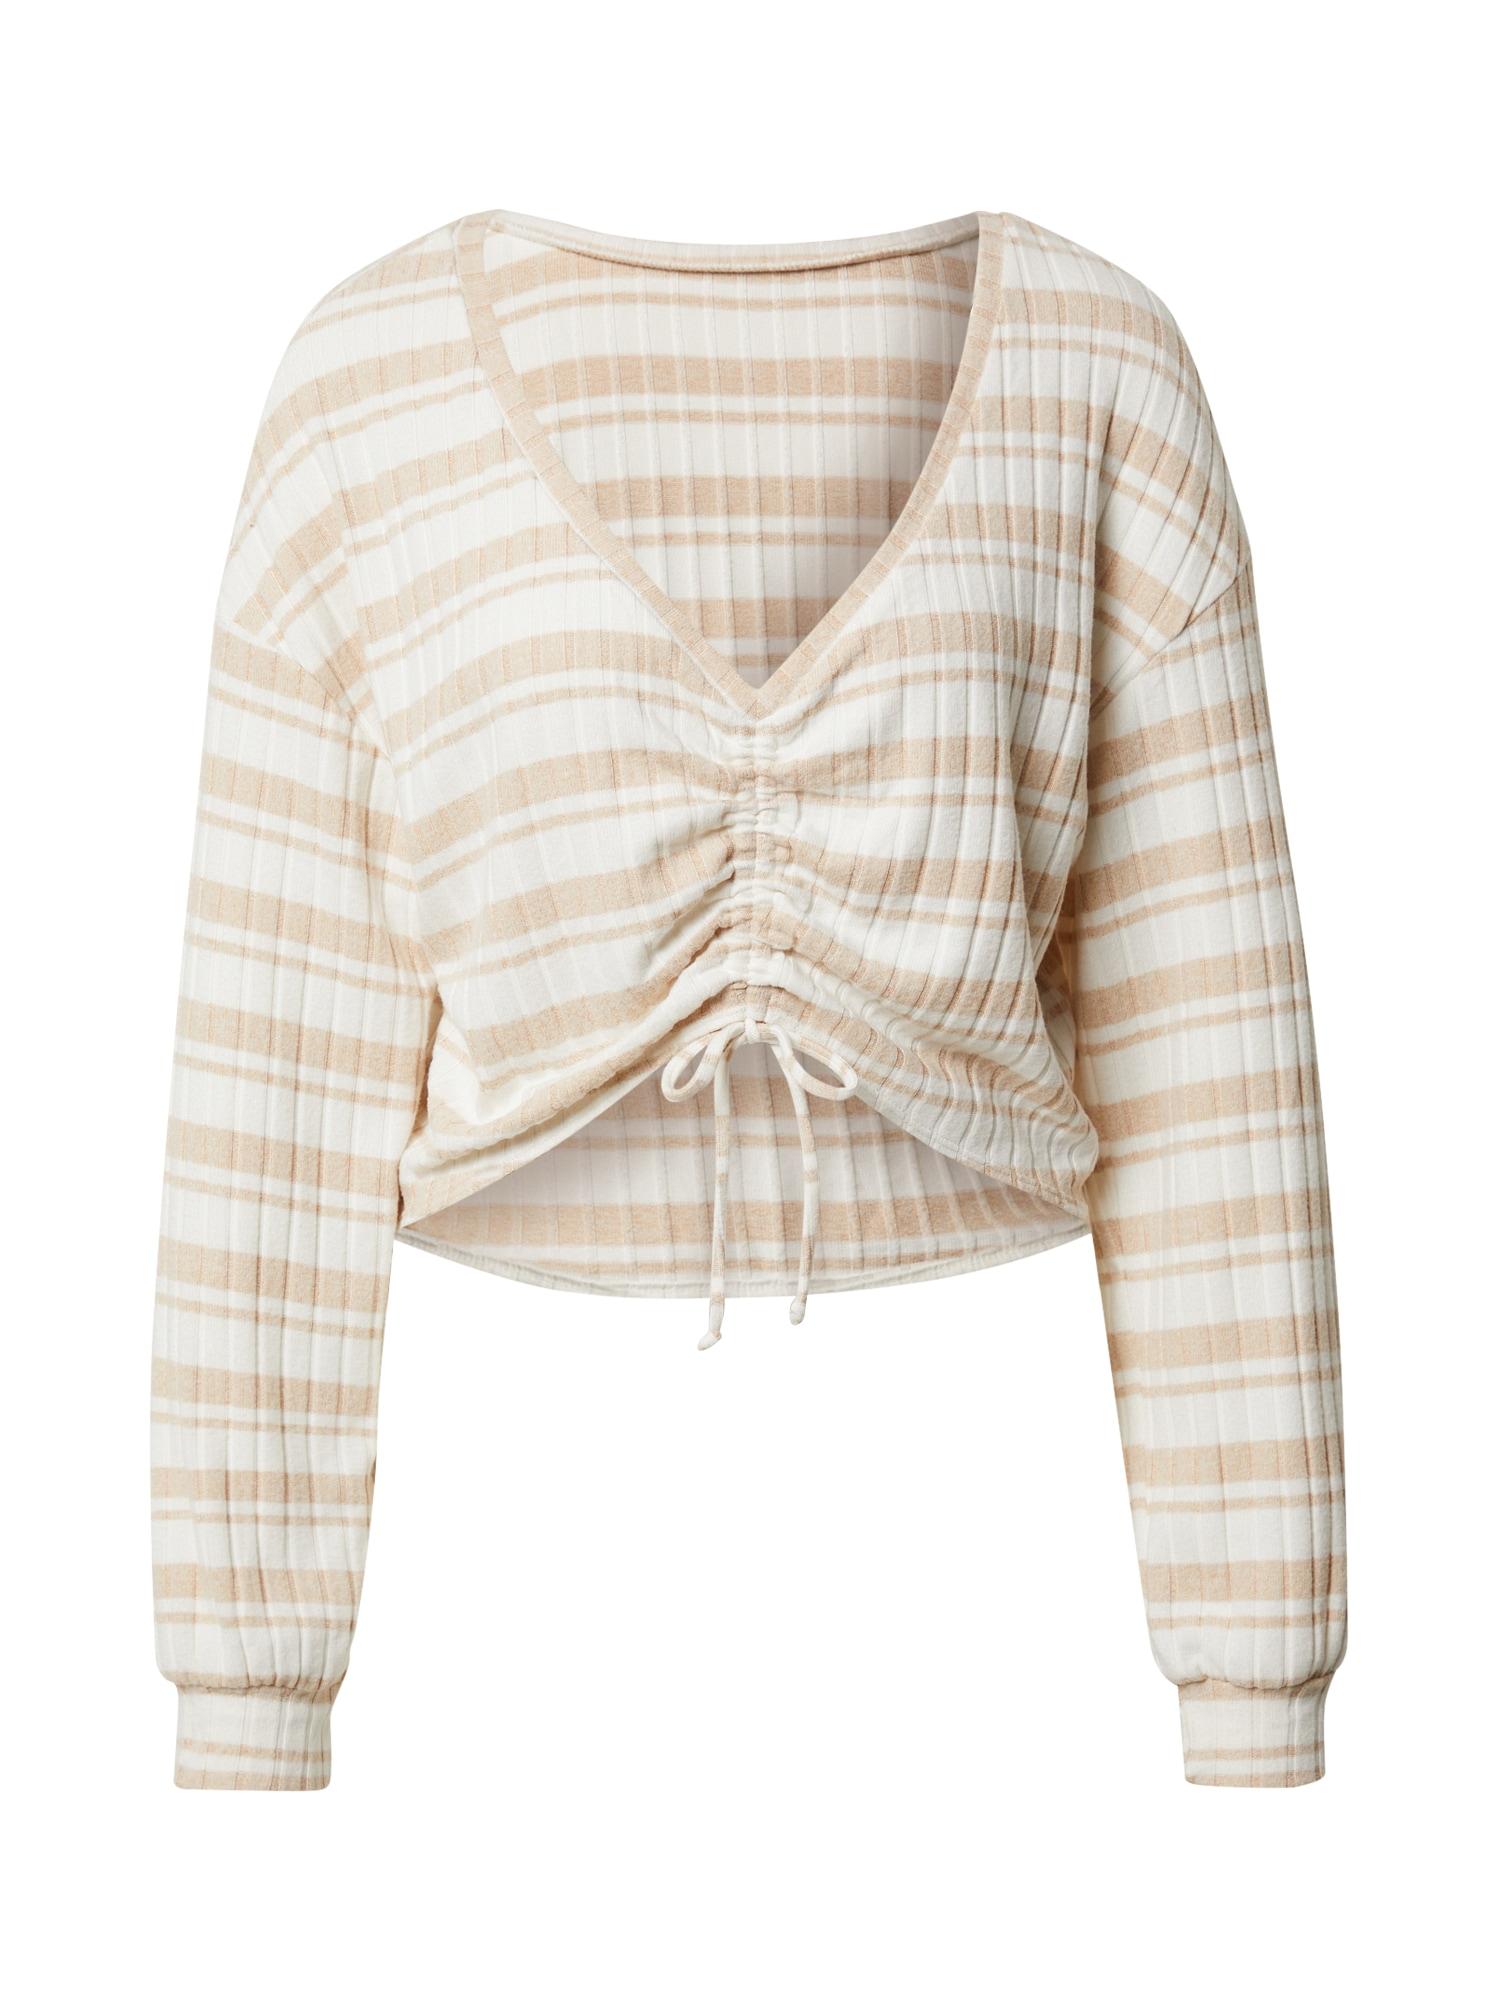 Gilly Hicks Pižaminiai marškinėliai balta / kūno spalva